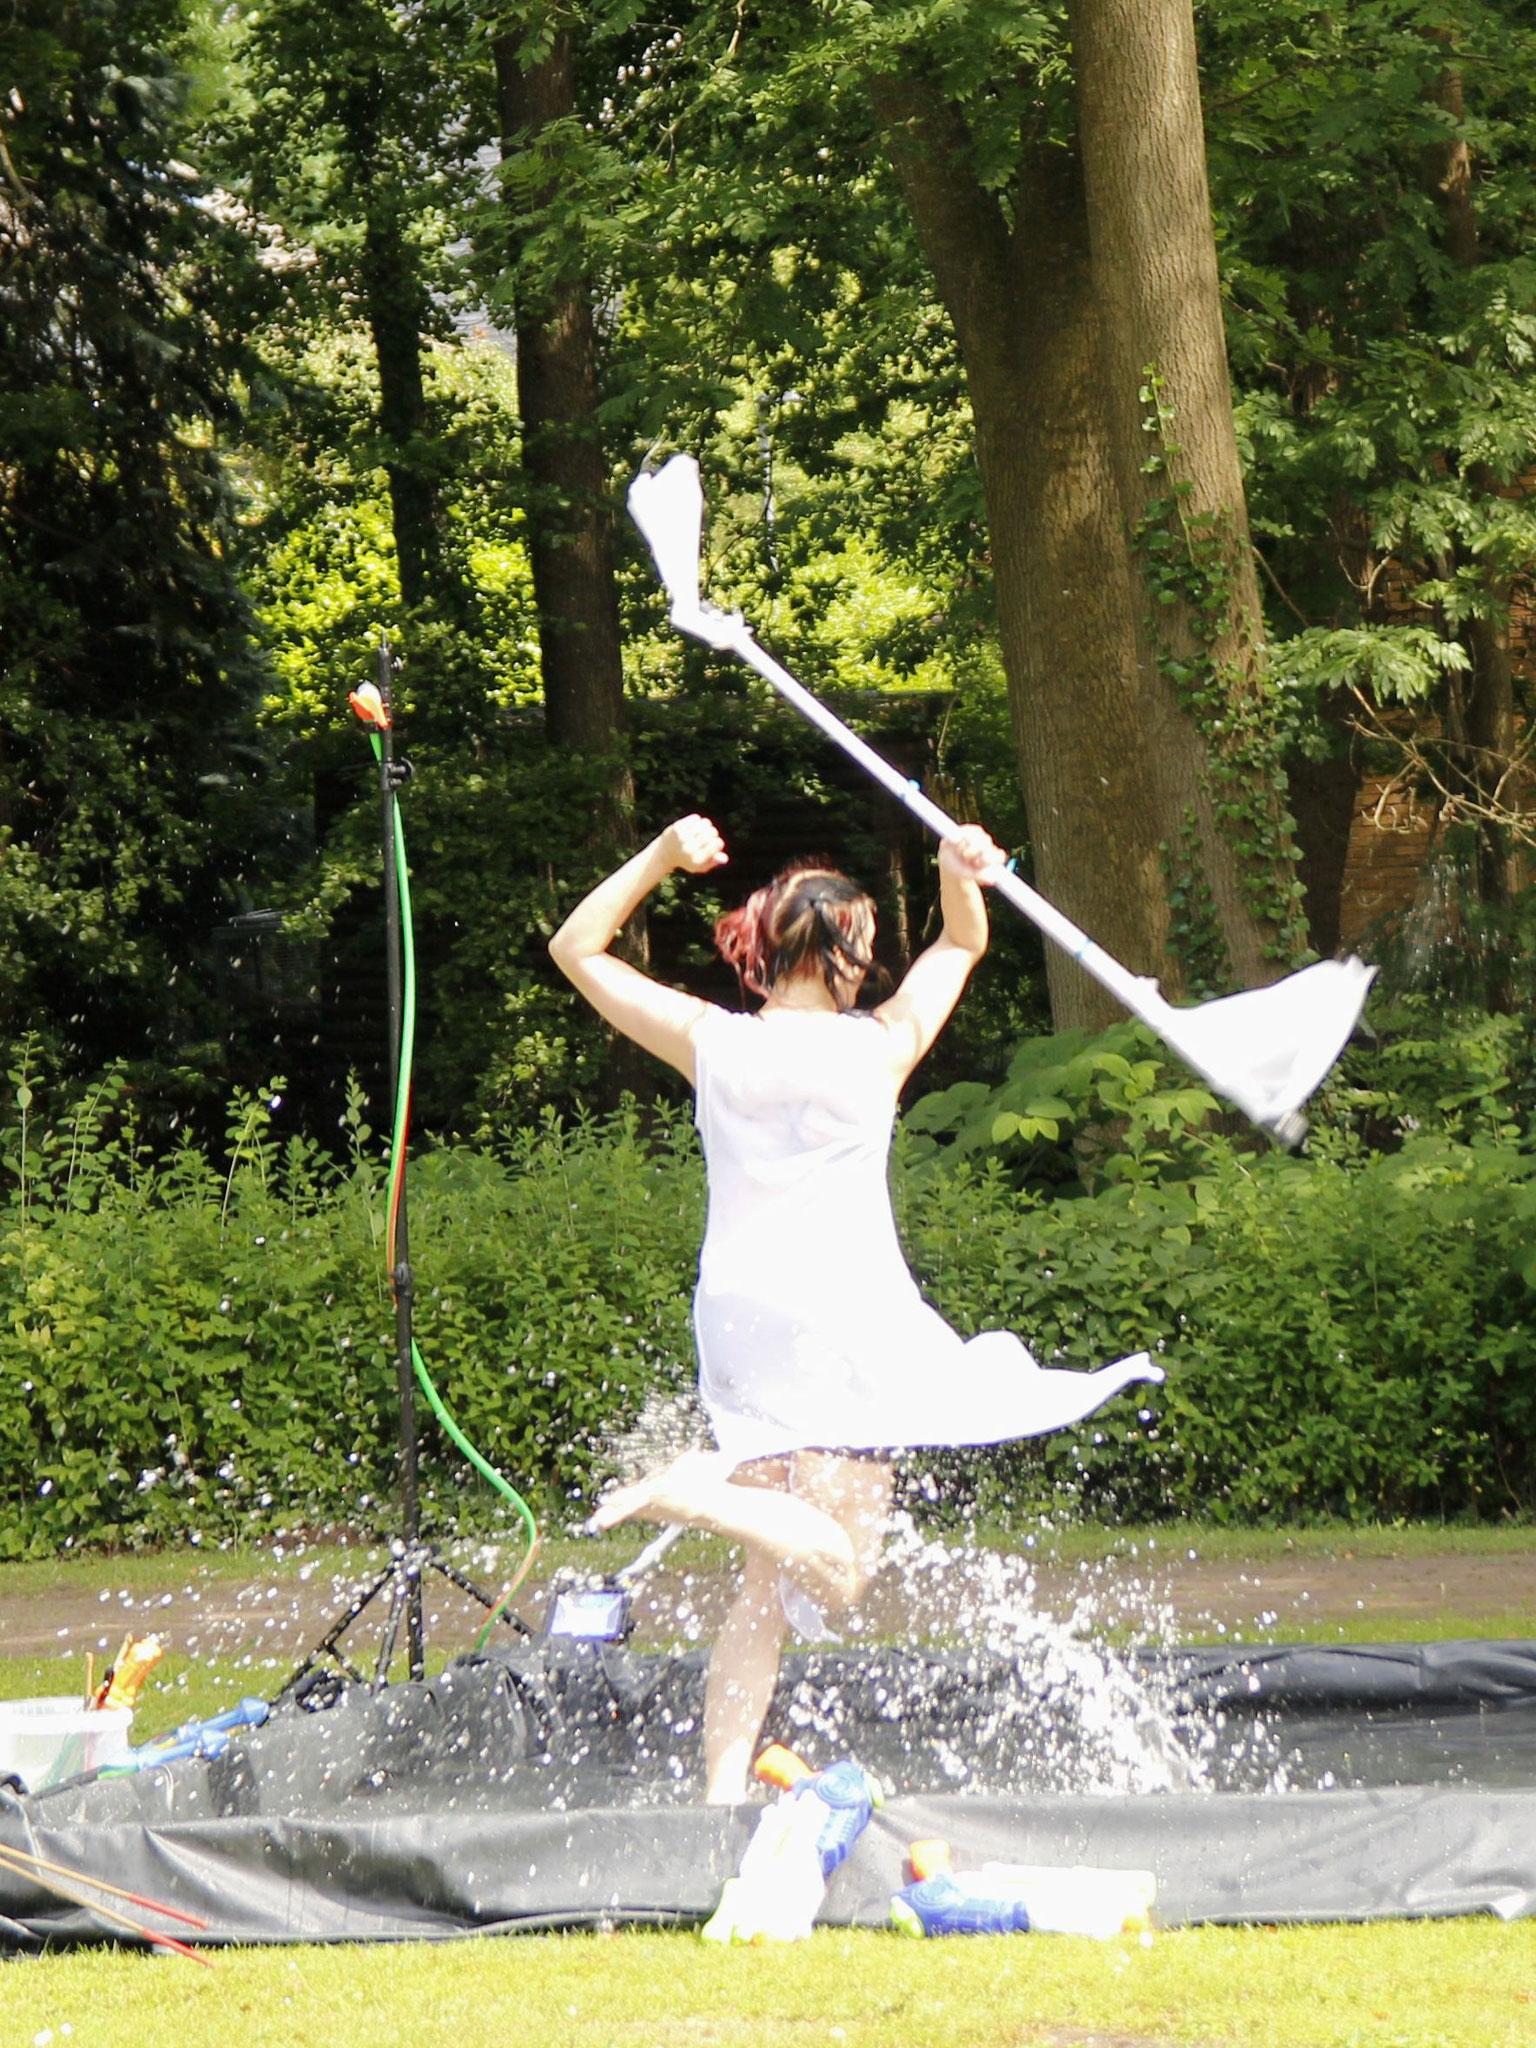 Sommerfest mit Wasserspielen |Foto: Verwünscht Photografie